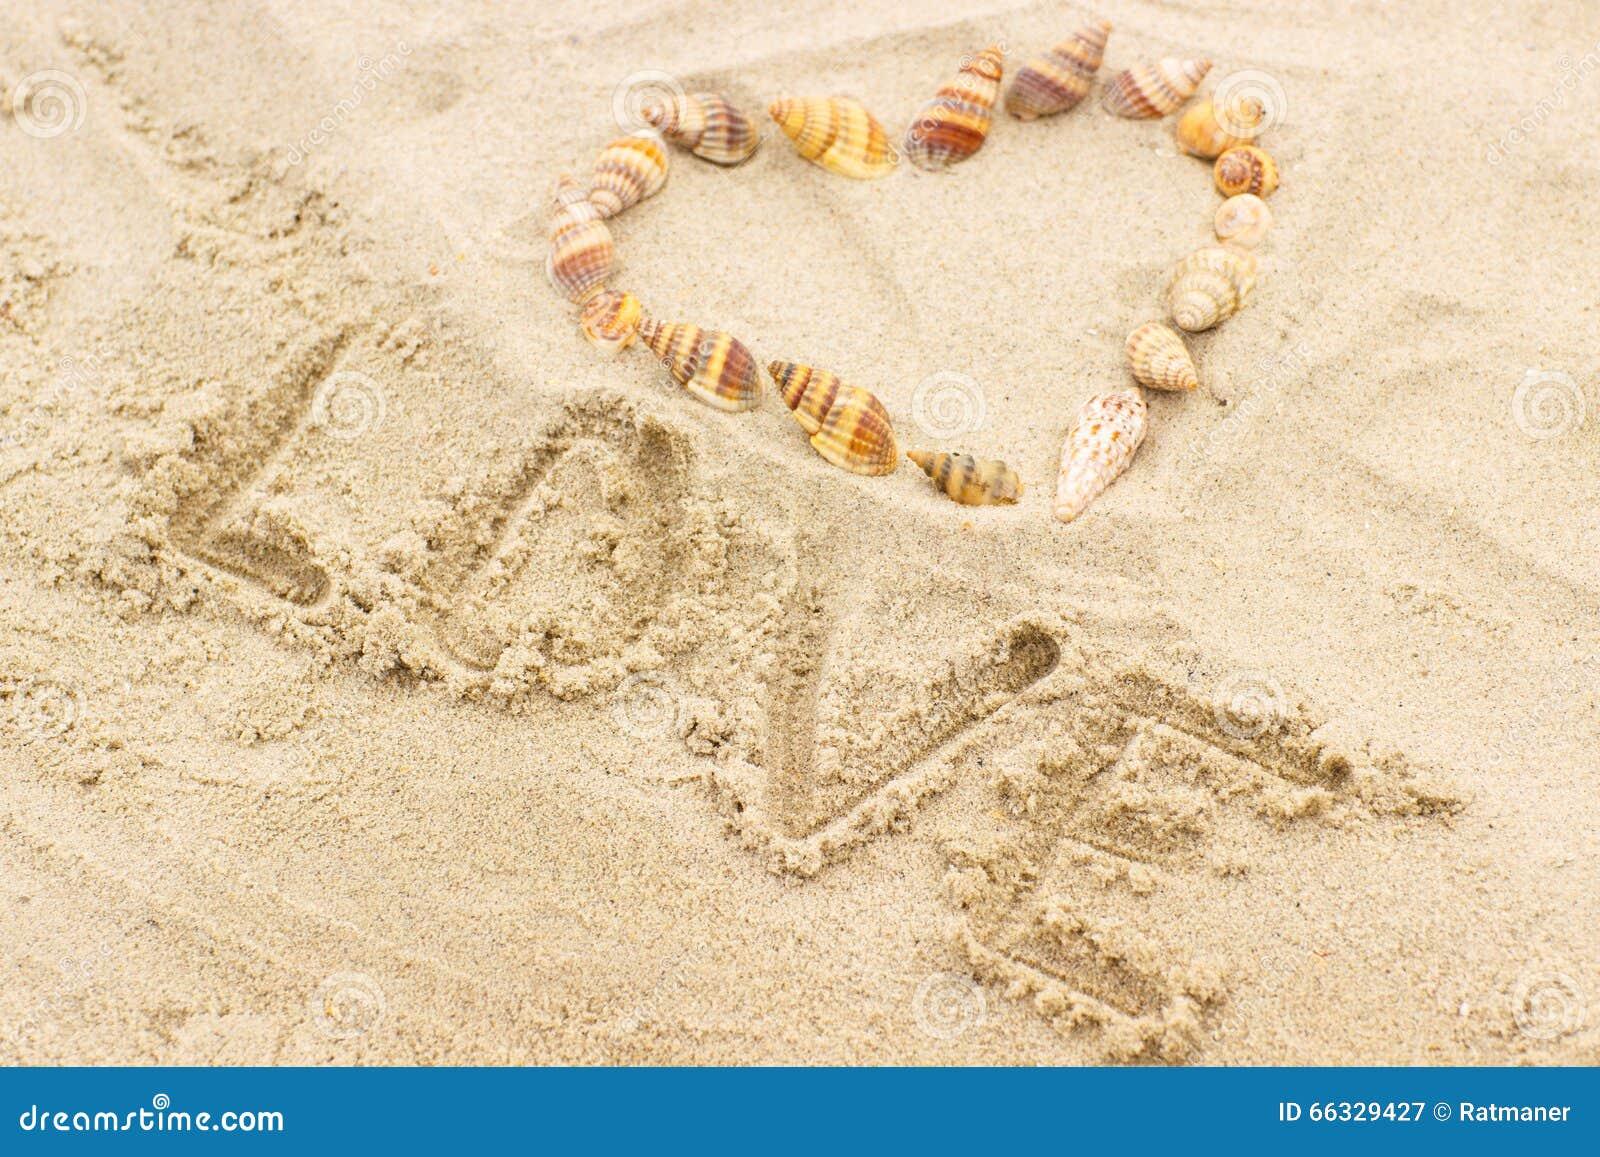 Eu Te Amo Escrito Na Areia Imagens De Stock Royalty Free: Word Love Written On Sand At The Beach, Heart Of Shells